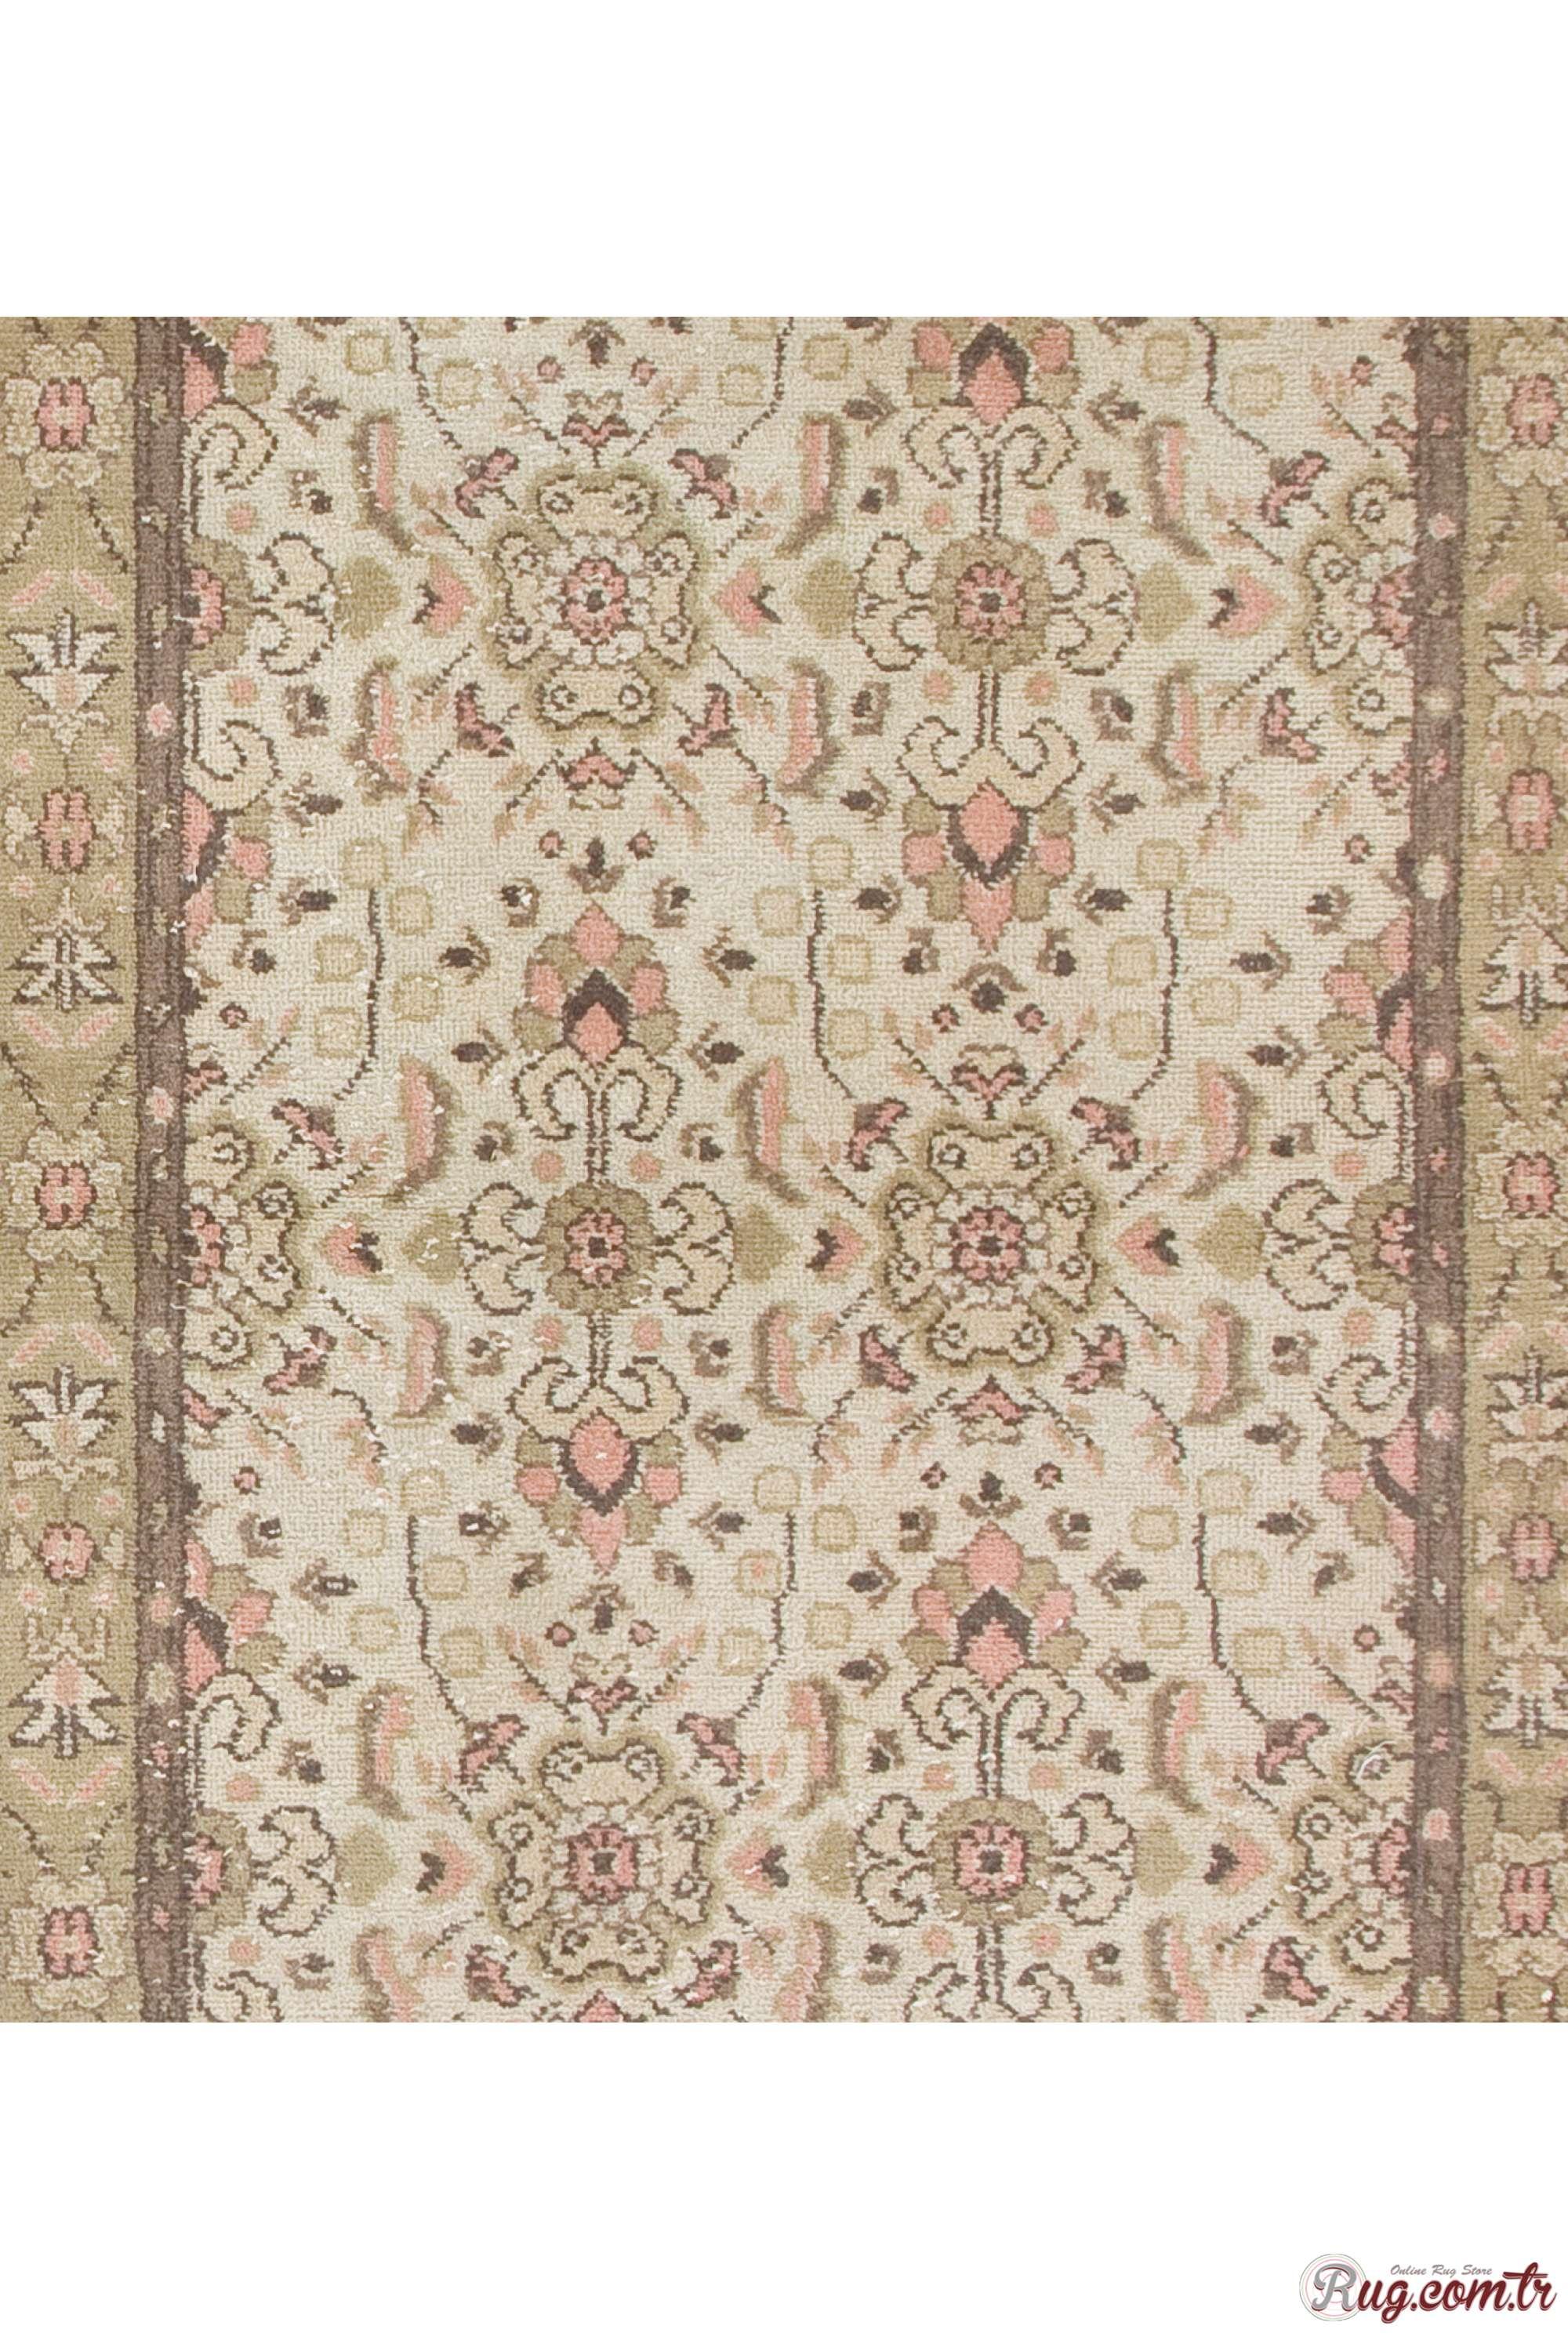 beige antique washed rug 3 39 8 x 6 39 9 112 x 207 cm turkish handmade vintage rug. Black Bedroom Furniture Sets. Home Design Ideas